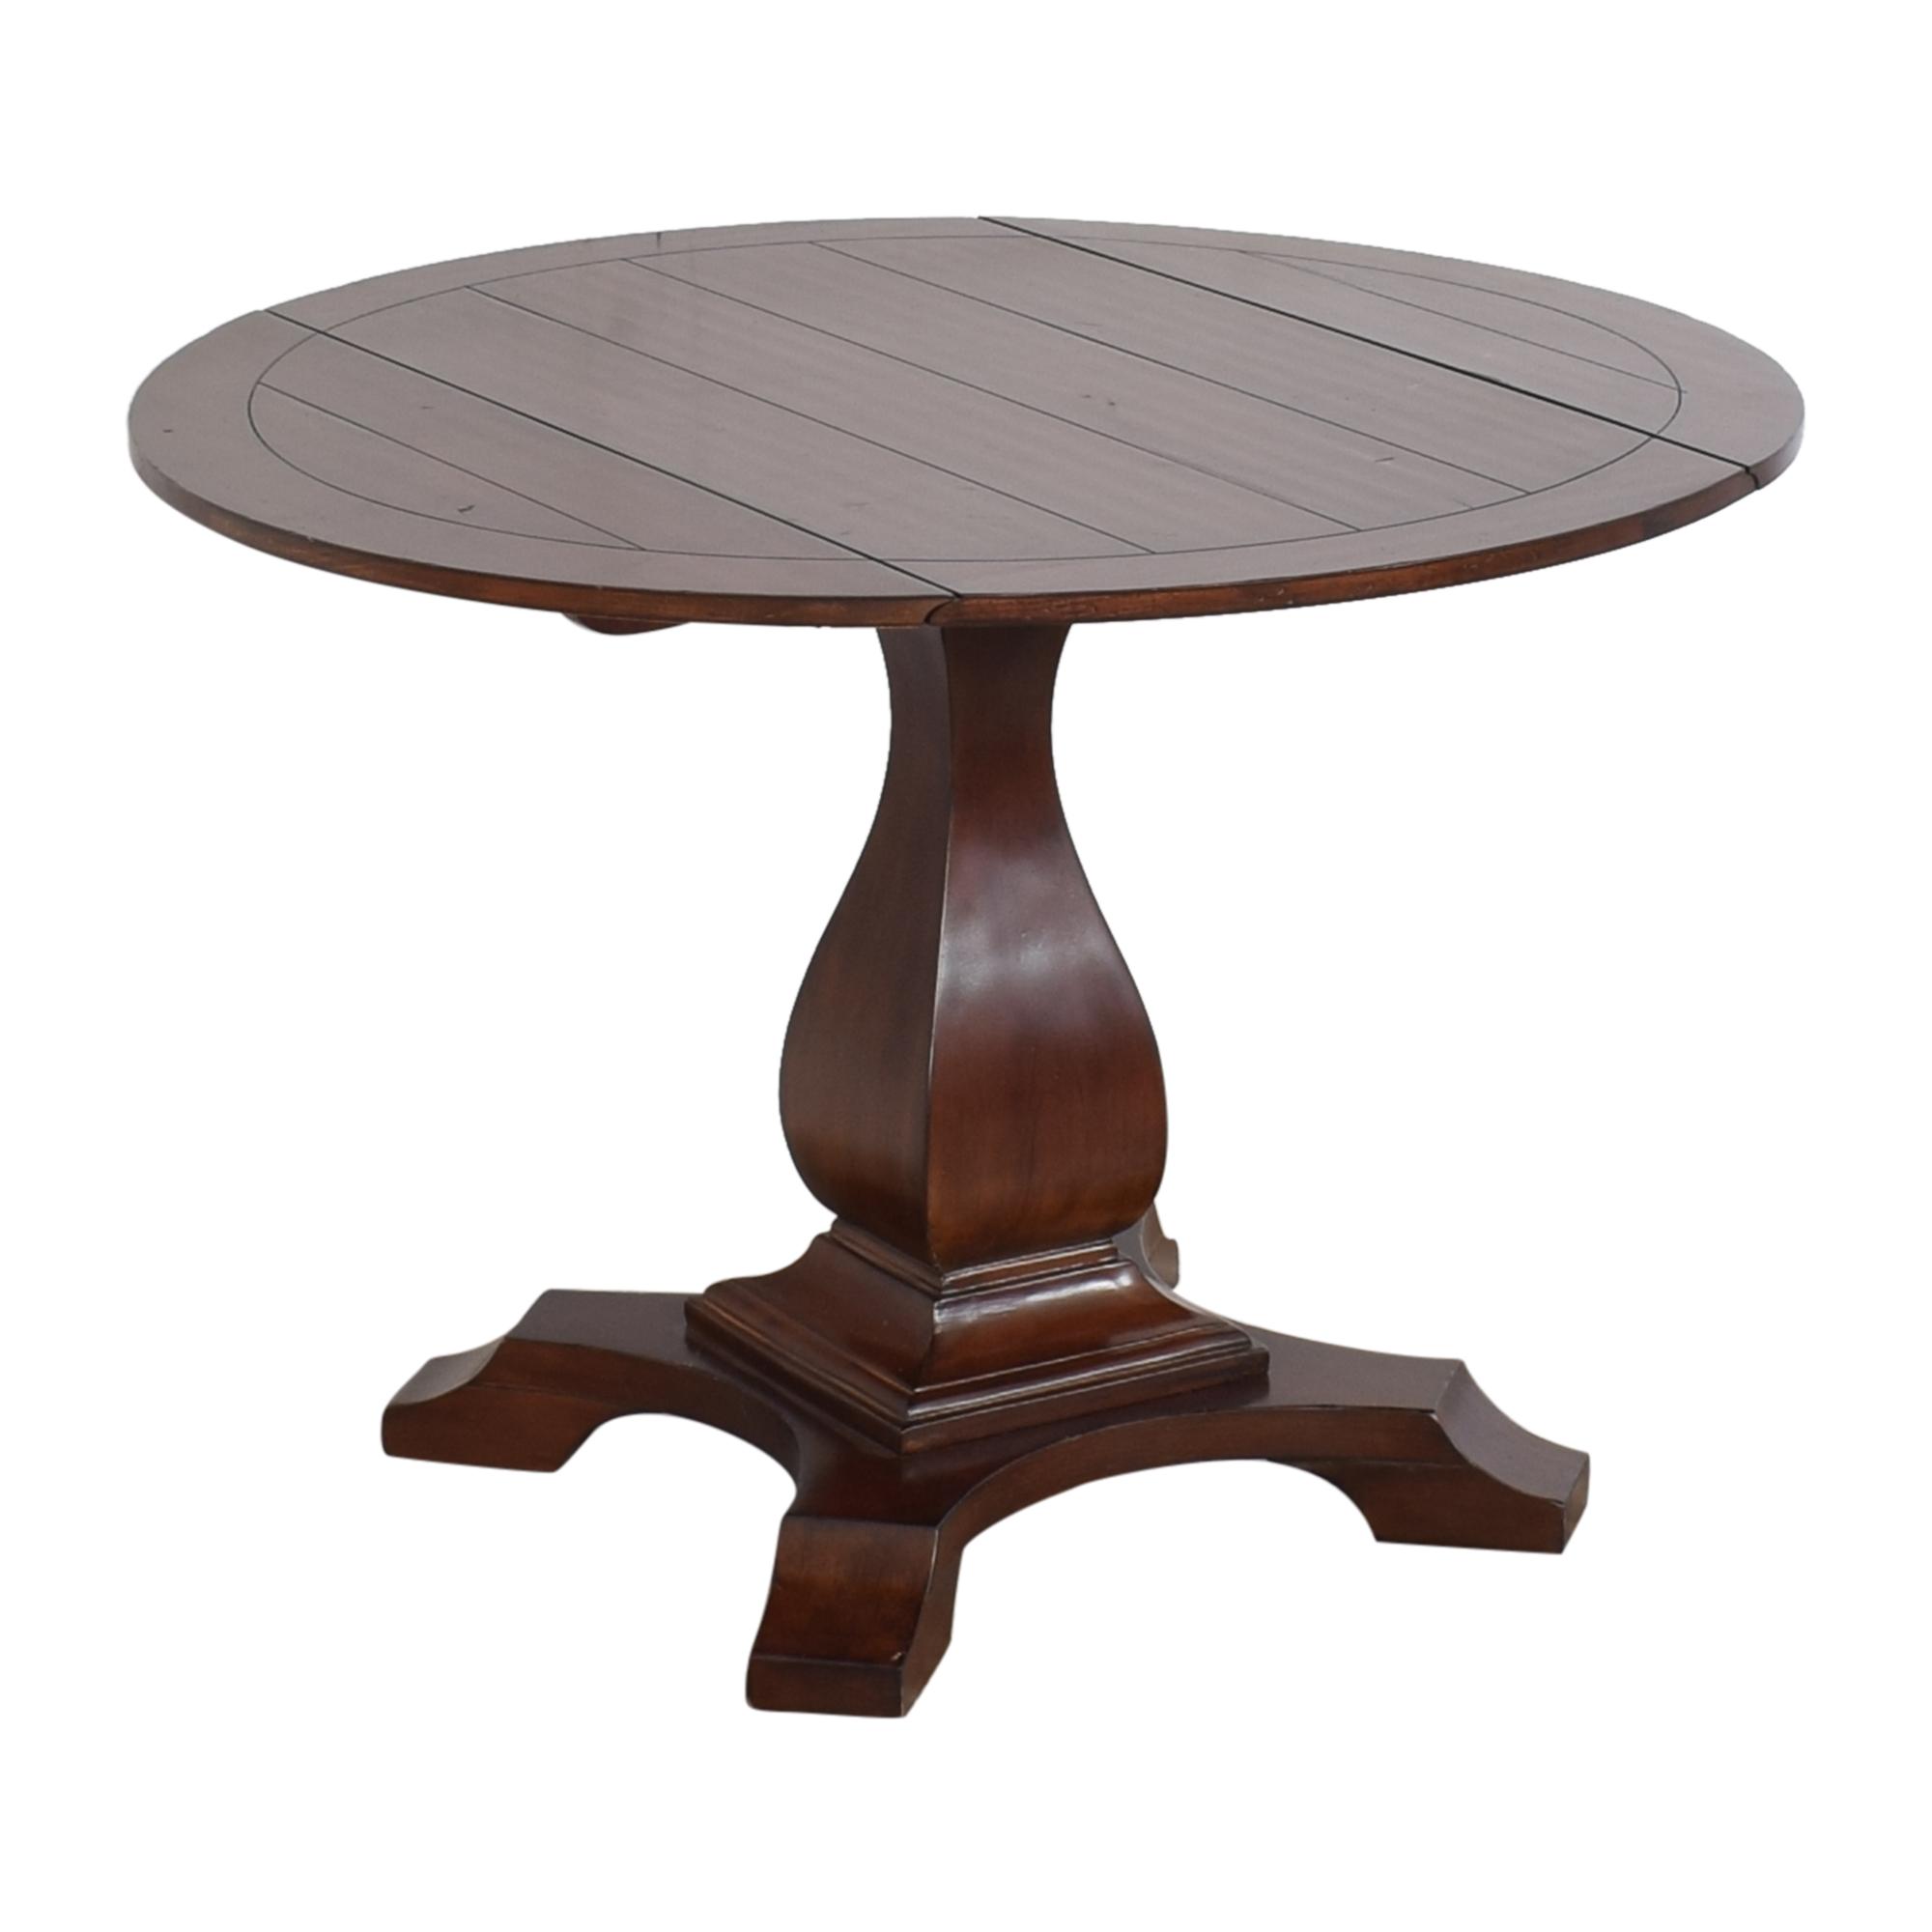 Hooker Furniture Hooker Furniture Waverly Drop Leaf Table discount